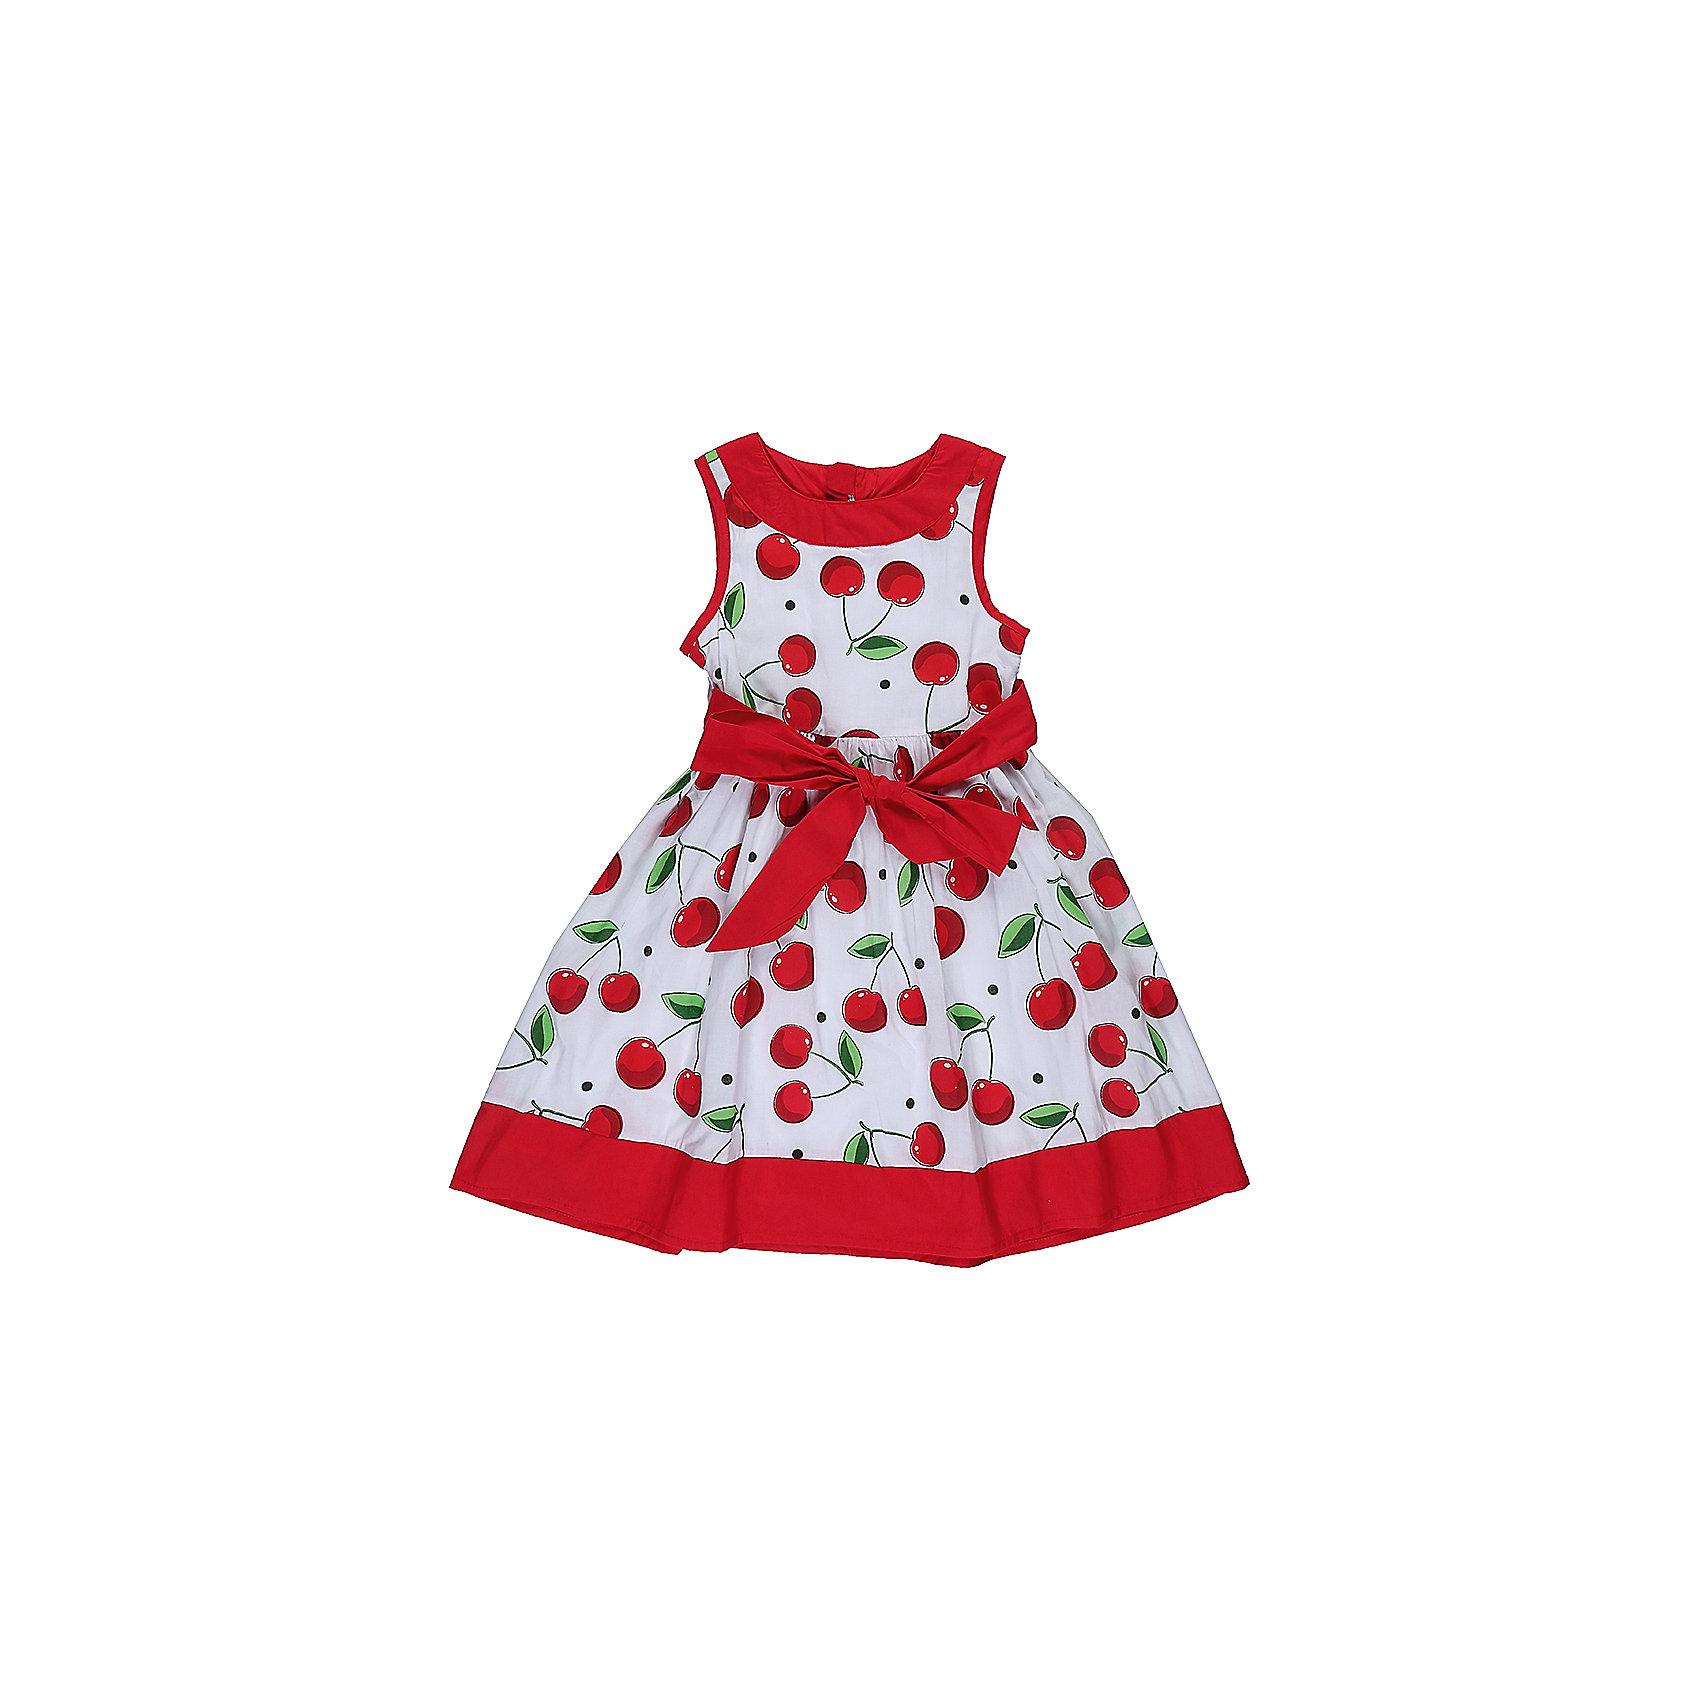 Платье для девочки Sweet BerryОдежда<br>Стильное хлопковое платье для девочки с ярким пояском. Горловина и низ изделия декорирован контрастной тканью. Застегивается на потайную молнию на спинке.<br>Состав:<br>Верх: 100% хлопок, Подкладка: 100%хлопок<br><br>Ширина мм: 236<br>Глубина мм: 16<br>Высота мм: 184<br>Вес г: 177<br>Цвет: белый<br>Возраст от месяцев: 24<br>Возраст до месяцев: 36<br>Пол: Женский<br>Возраст: Детский<br>Размер: 98,104,122,110,116,128<br>SKU: 5410059